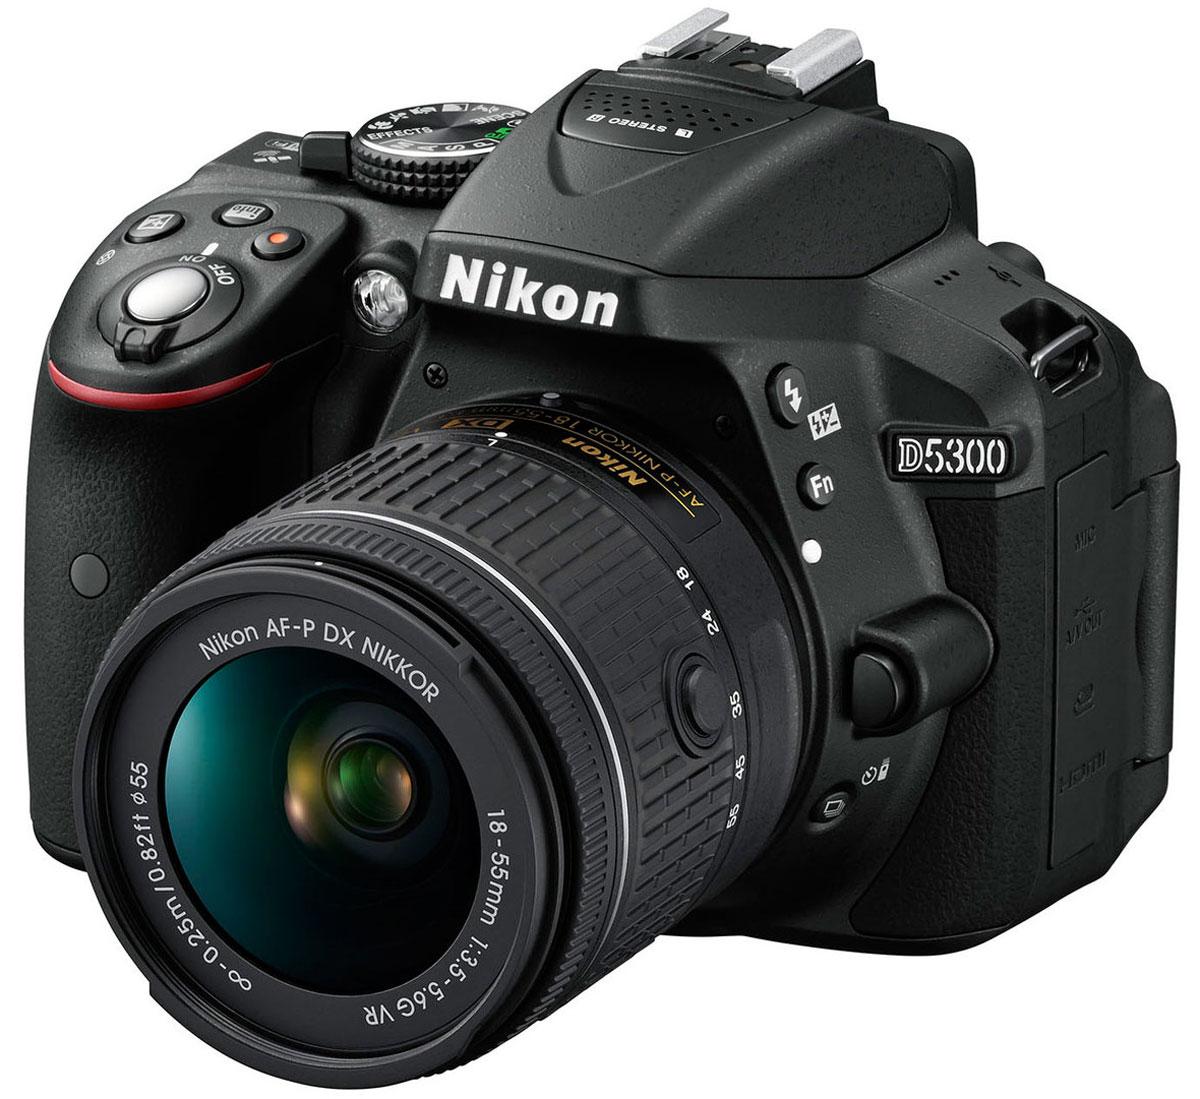 Nikon D5300 Kit 18-55 VR, Black цифровая зеркальная камера